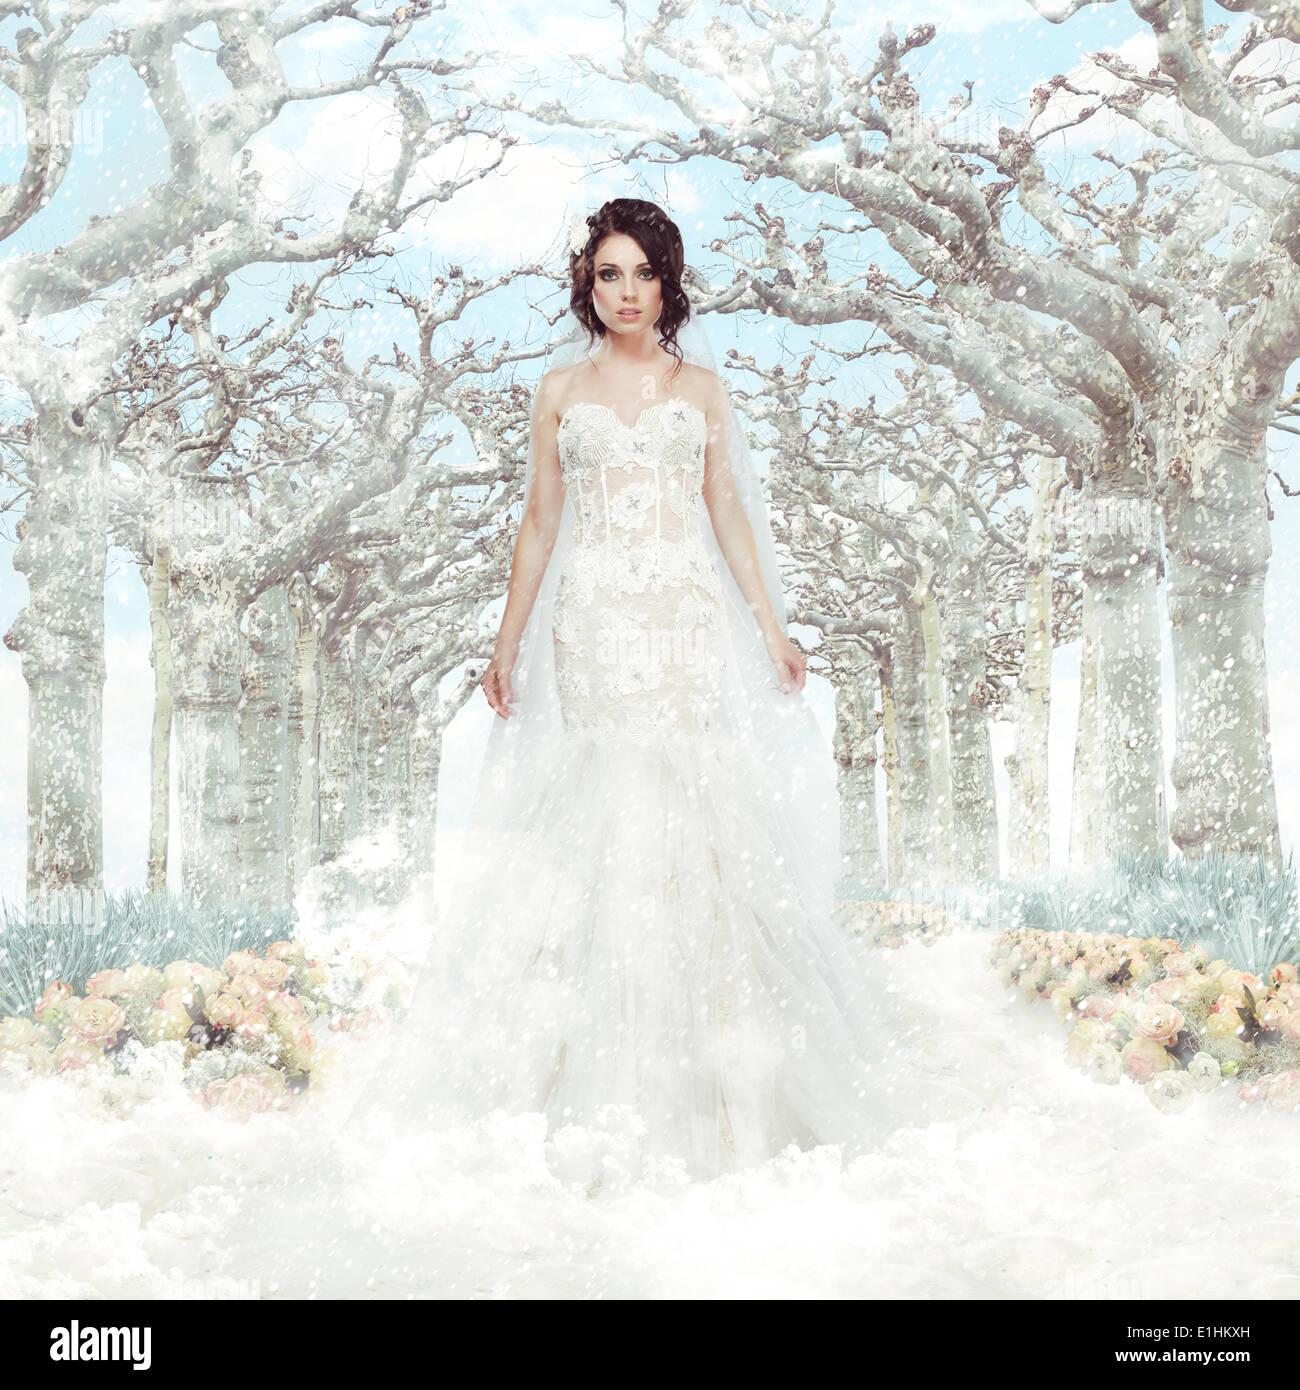 La fantaisie. Le mariage. Mariée en robe blanche sur les arbres et les flocons d'hiver gelé Photo Stock